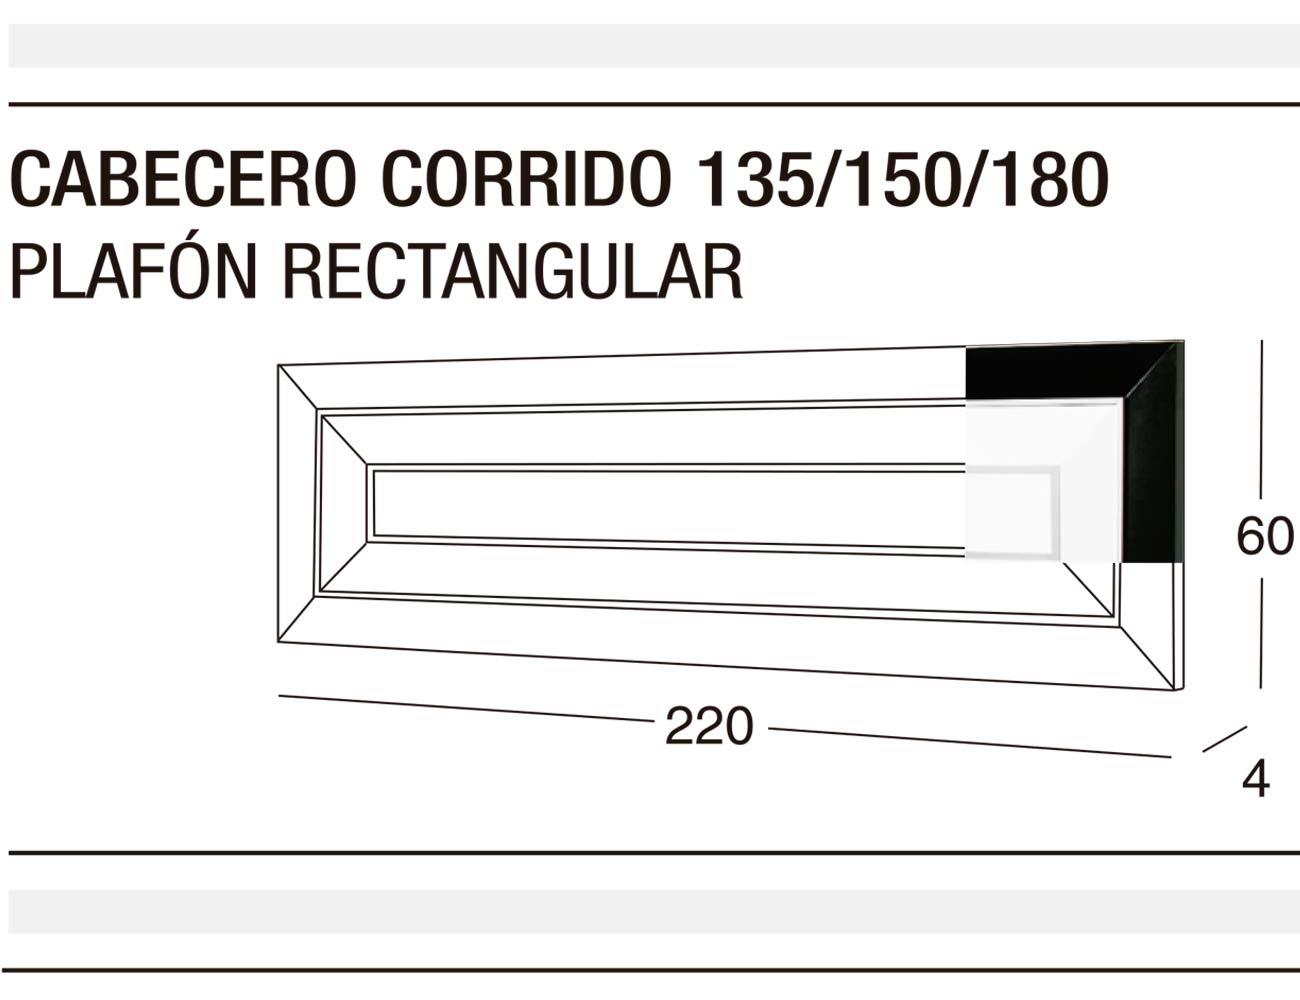 Cabecero corrido 135 150 plafon rectangular